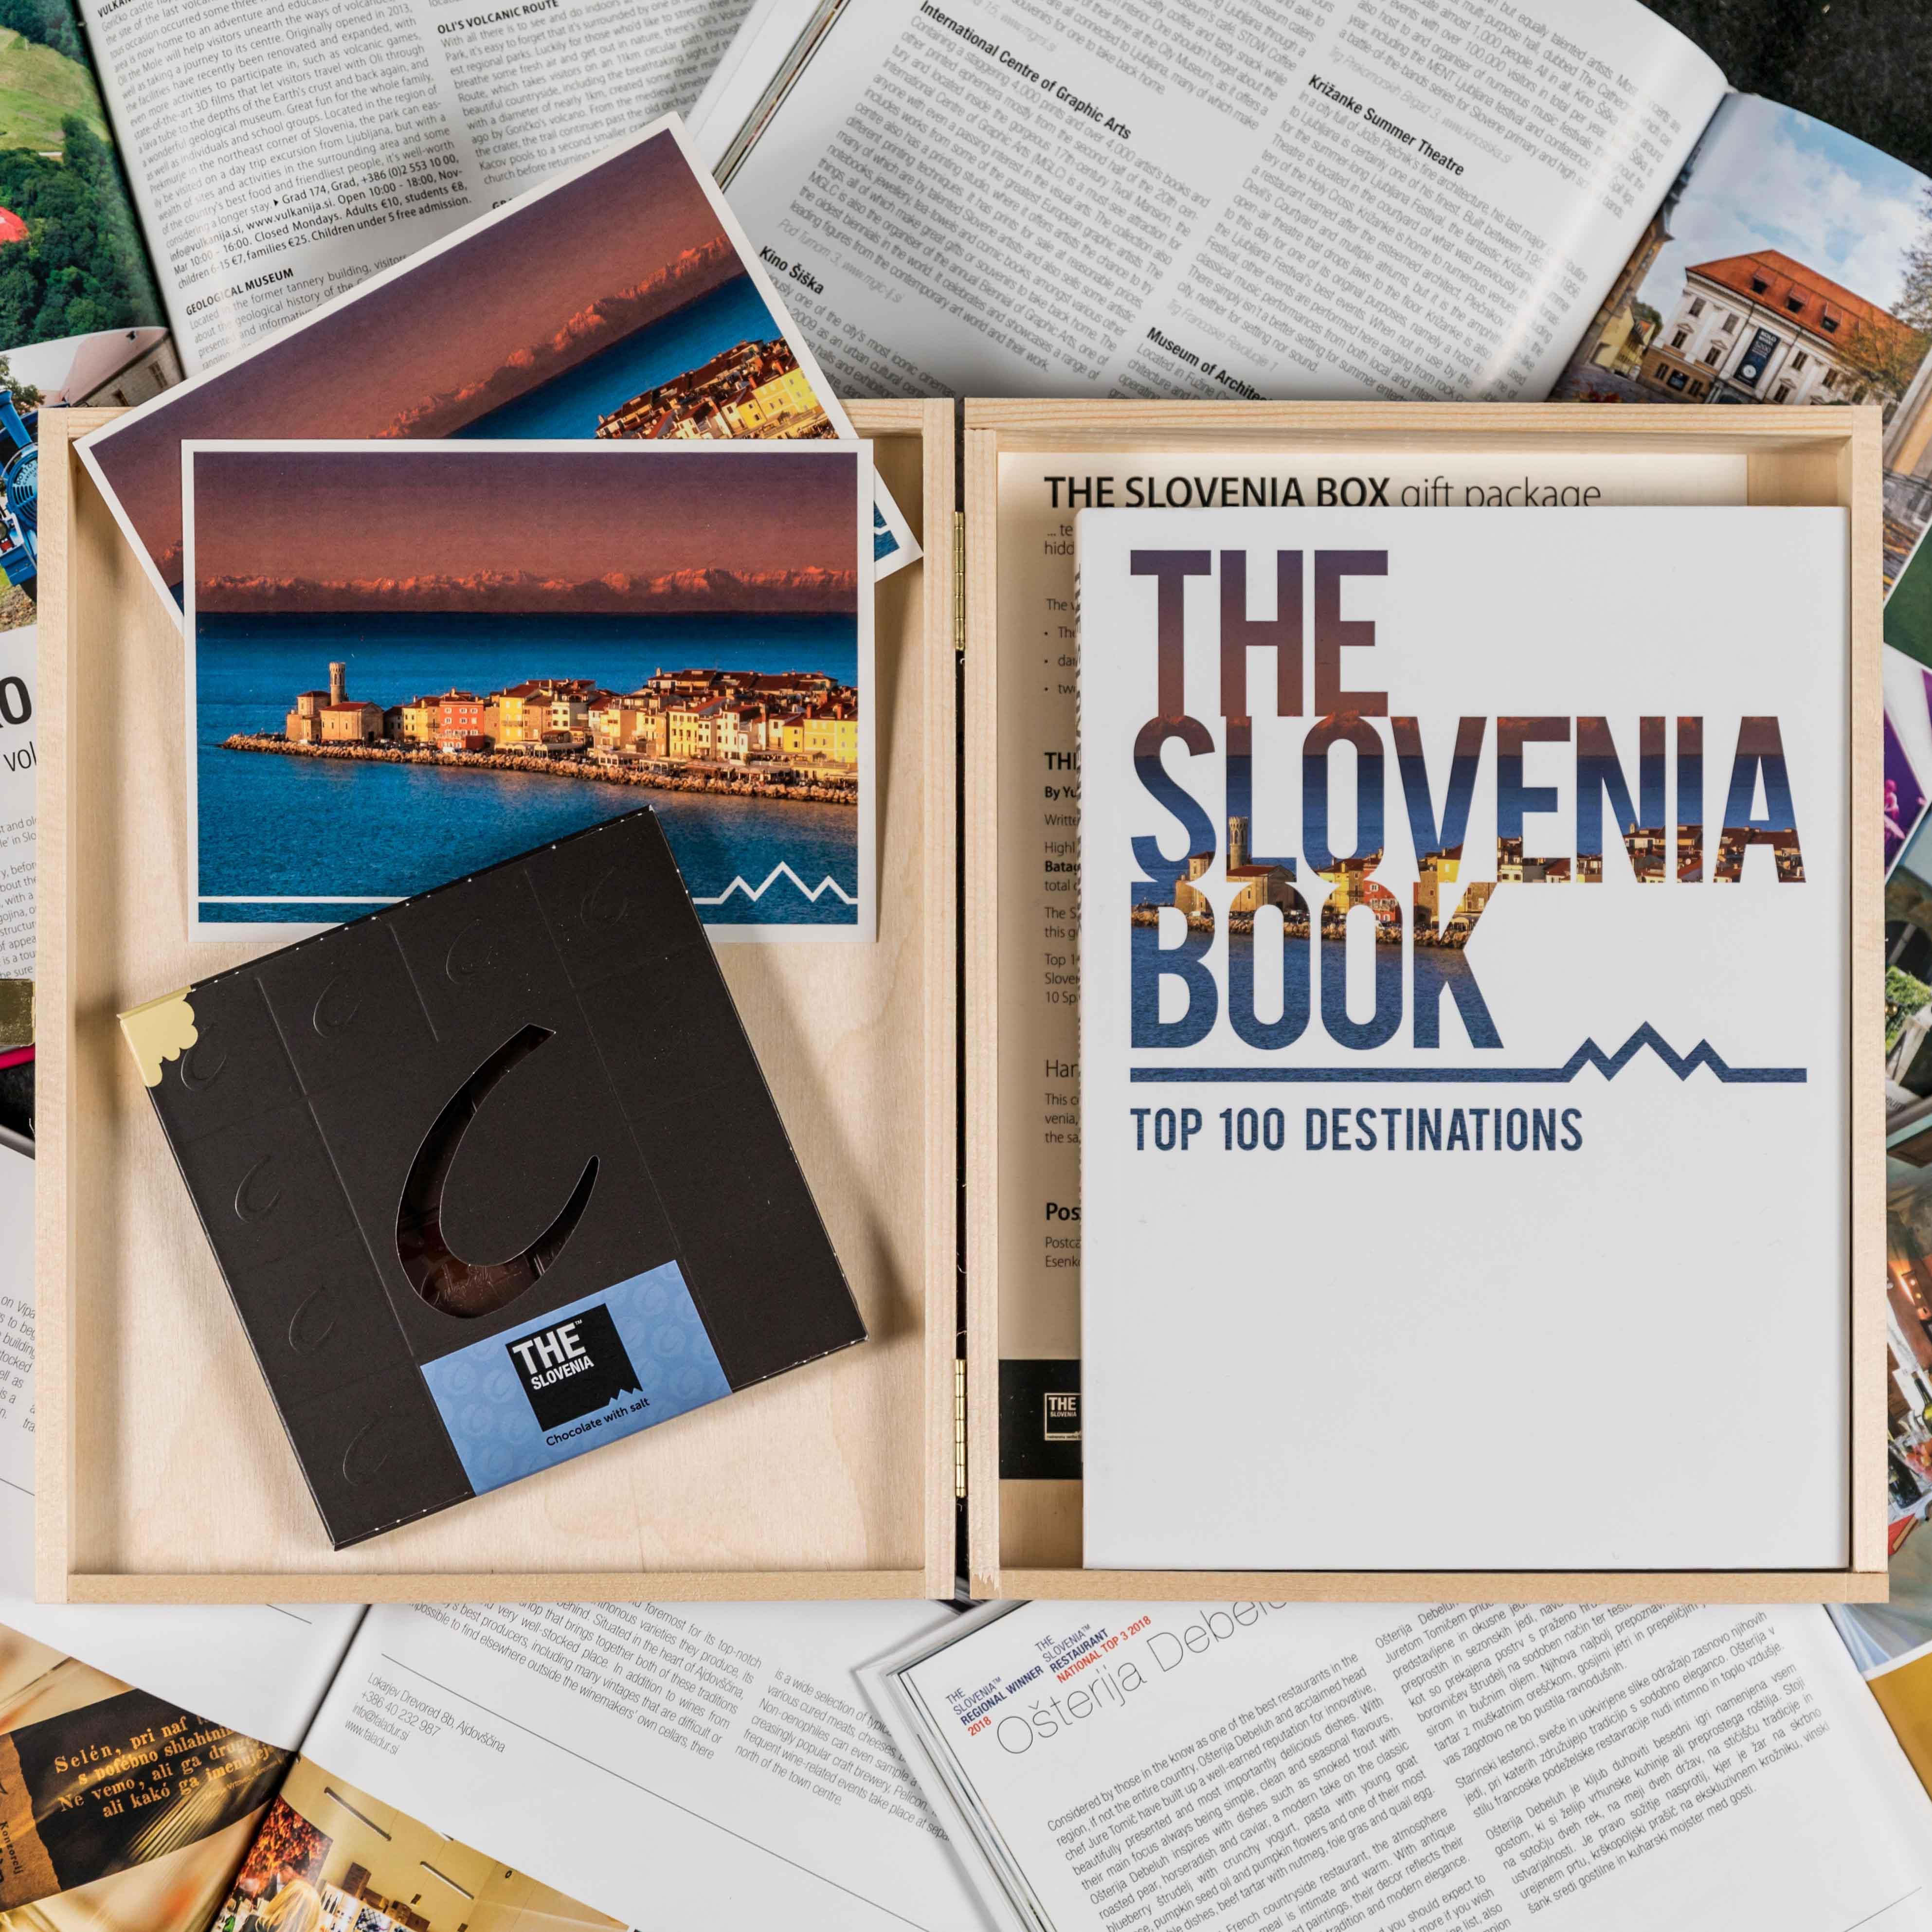 the slovenia book box